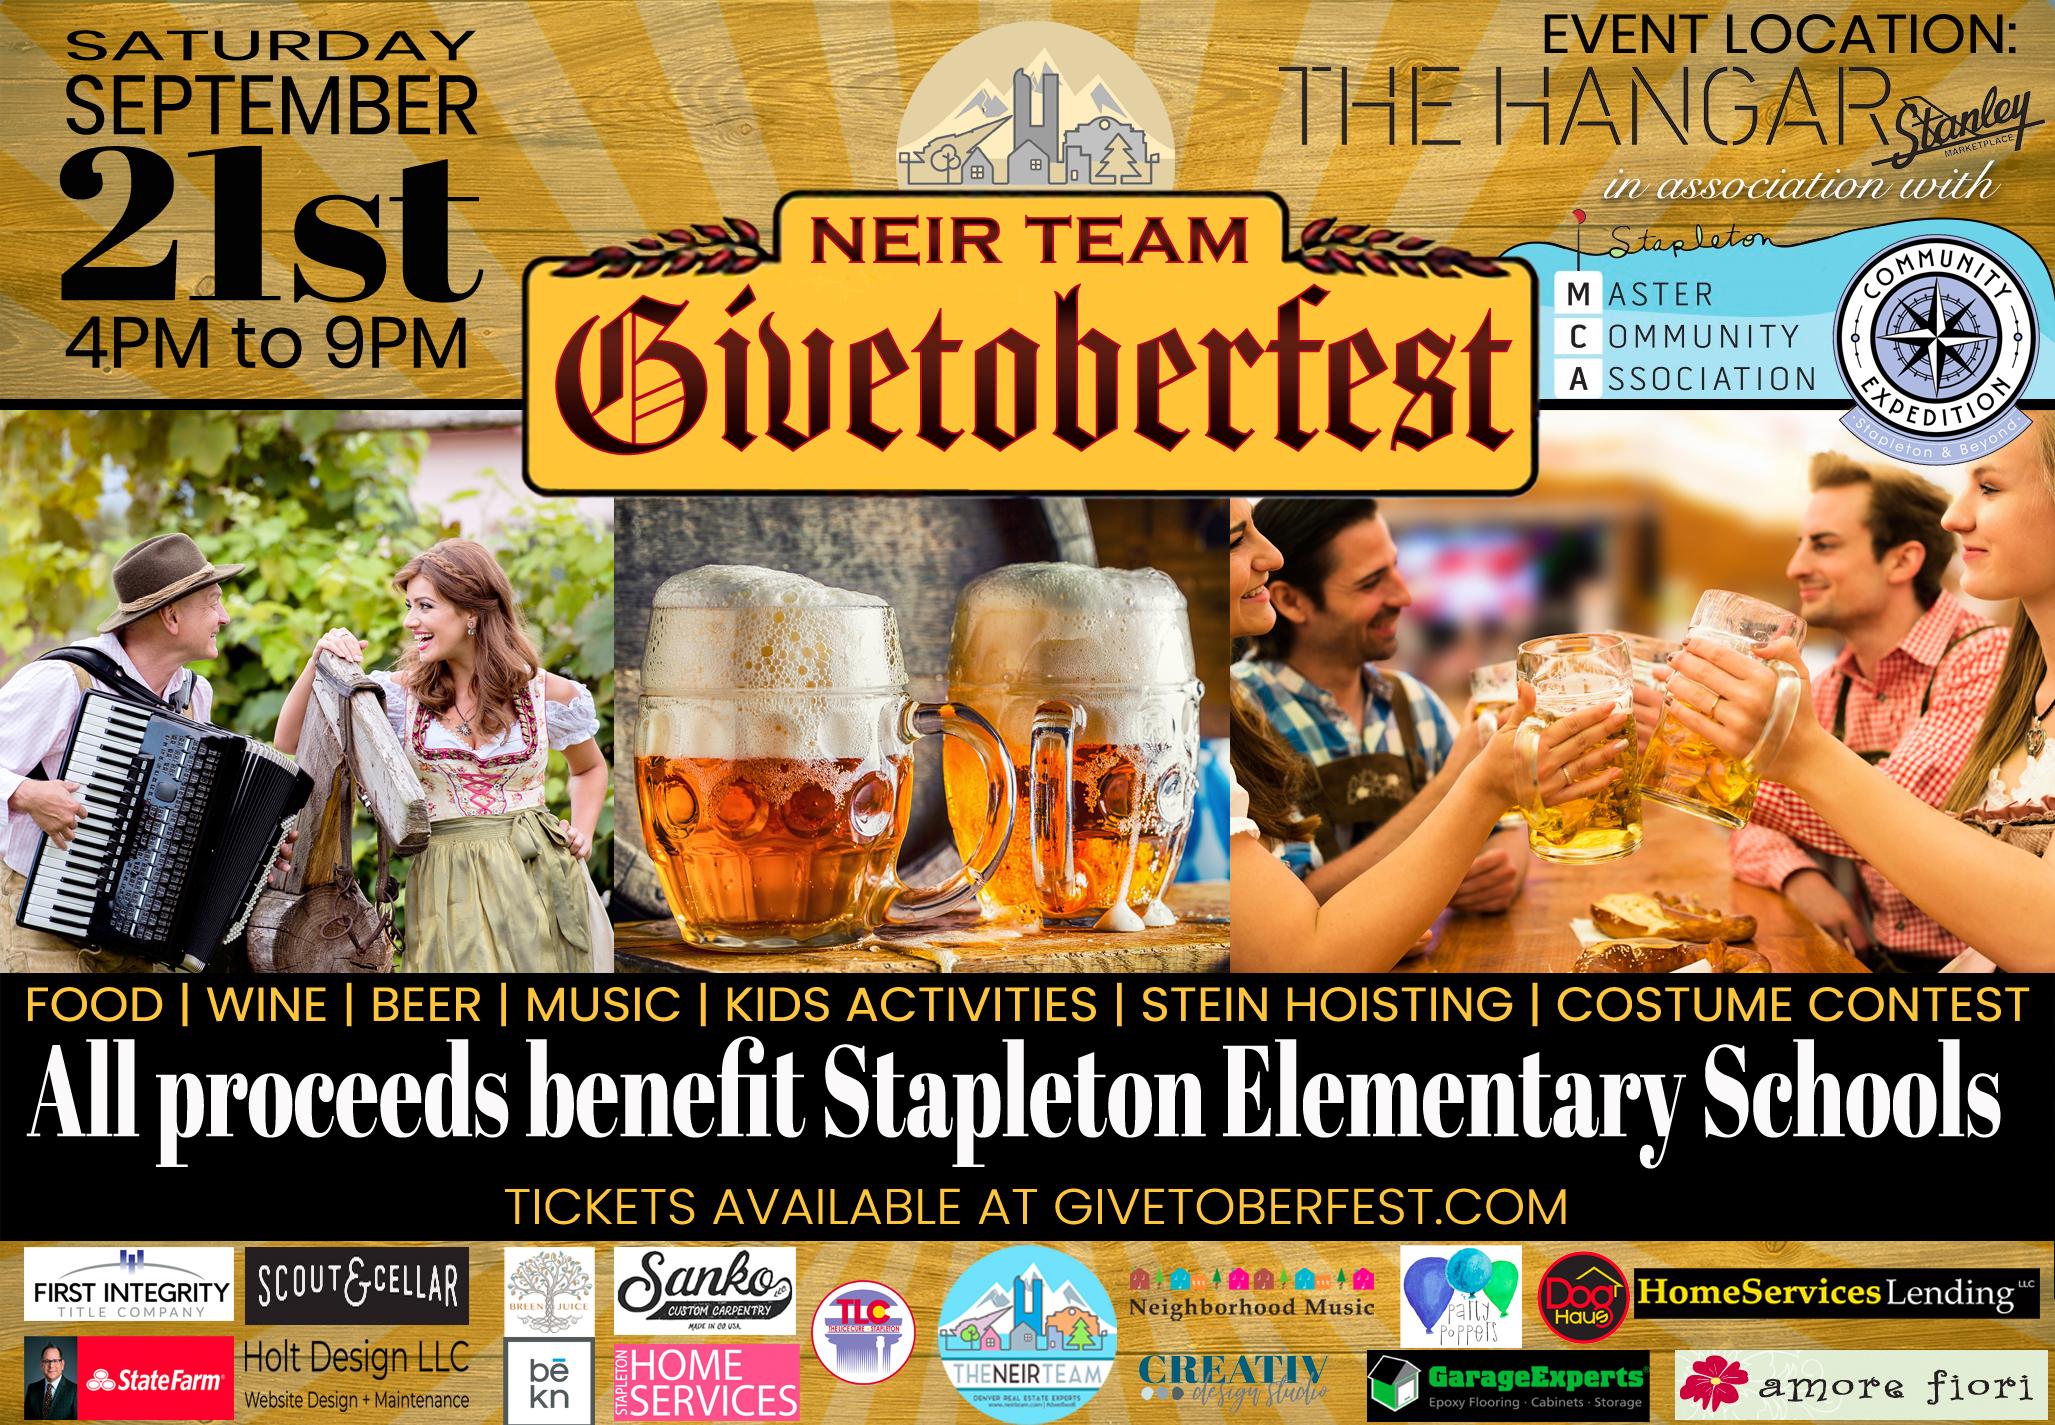 GivetoberfestAdwithsponsors.jpg